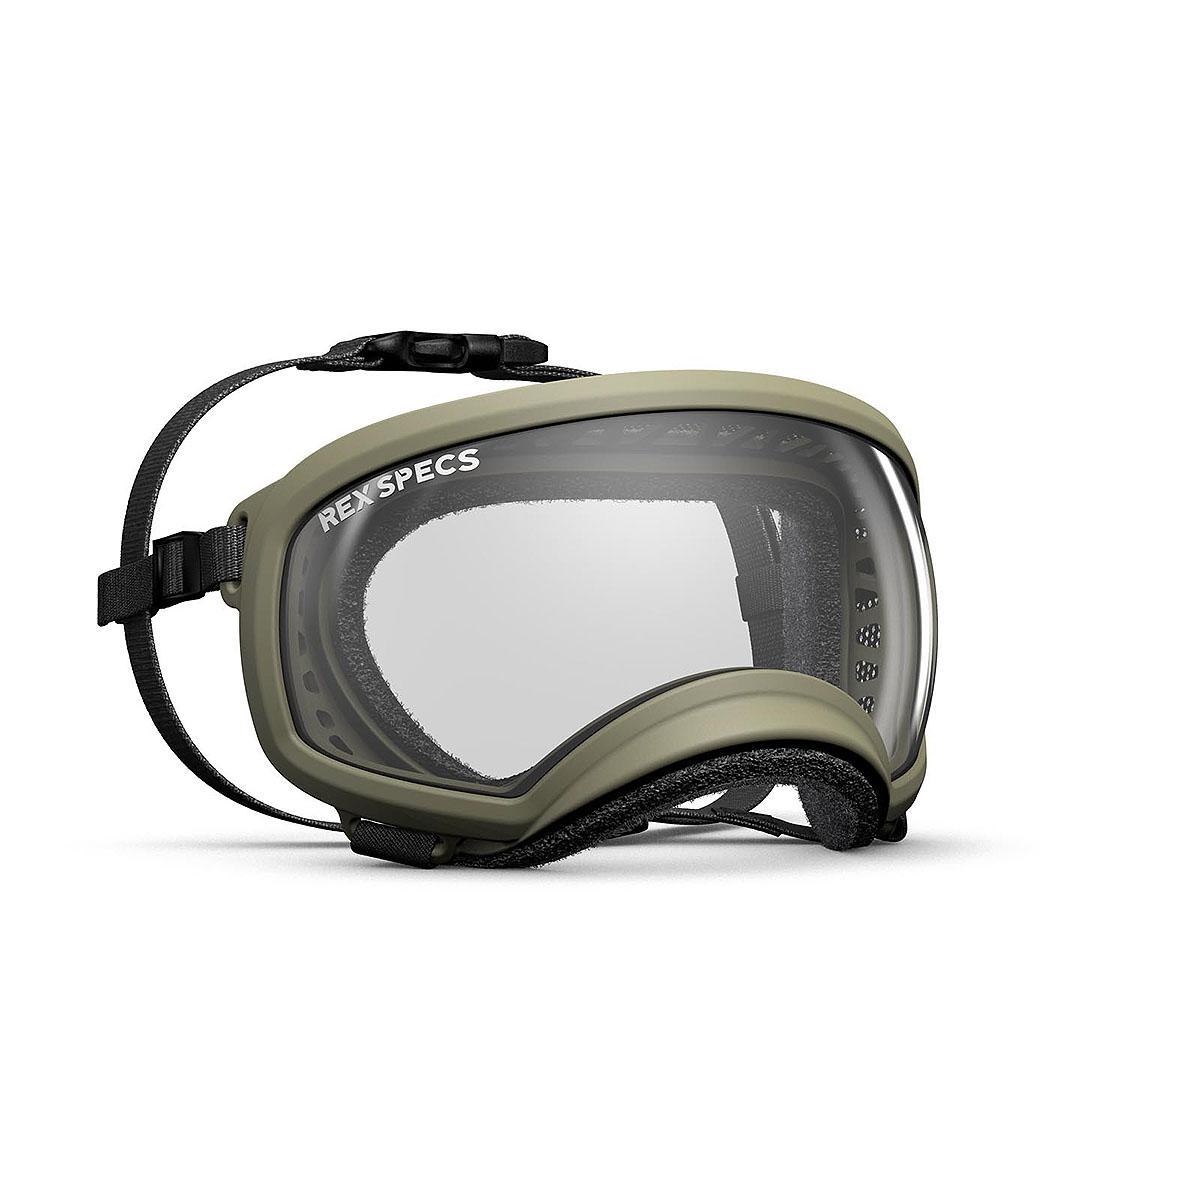 Rex Specs Dog Goggles - Coyote Tan